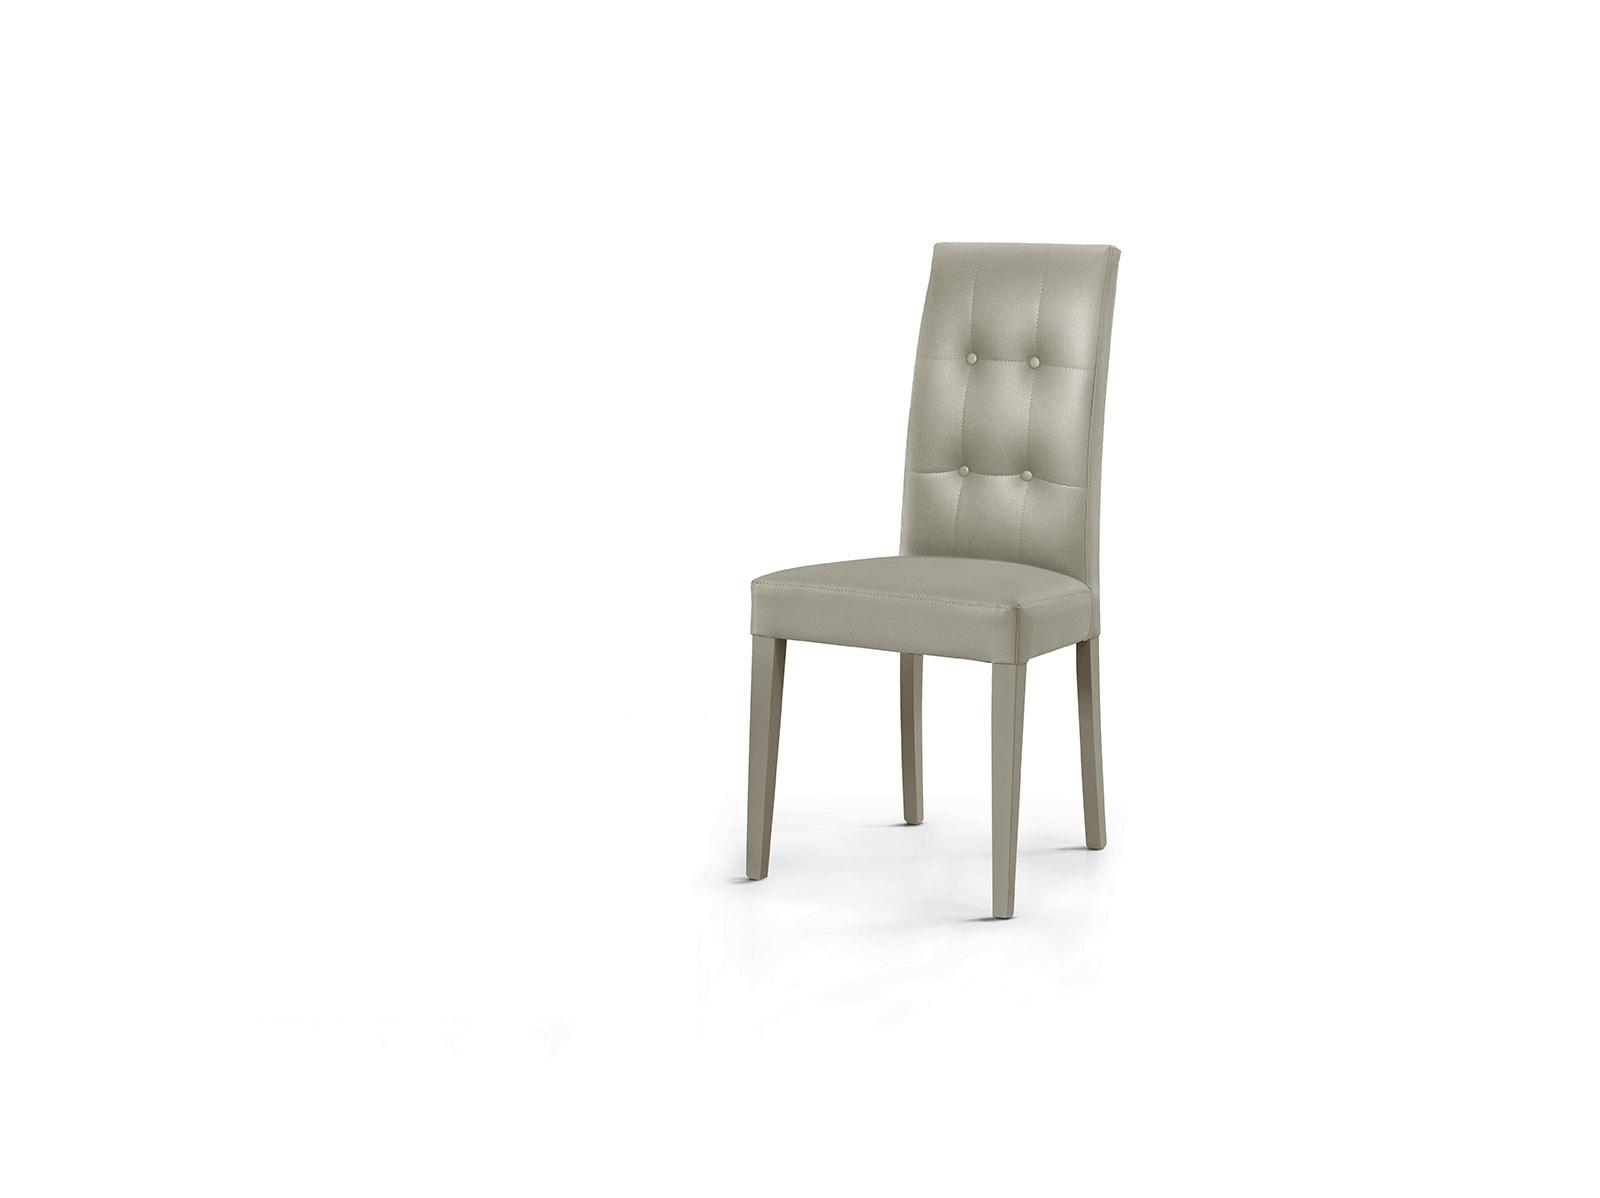 Sedia verona ecopelle design sedie a prezzi scontati - Sedie ufficio verona ...